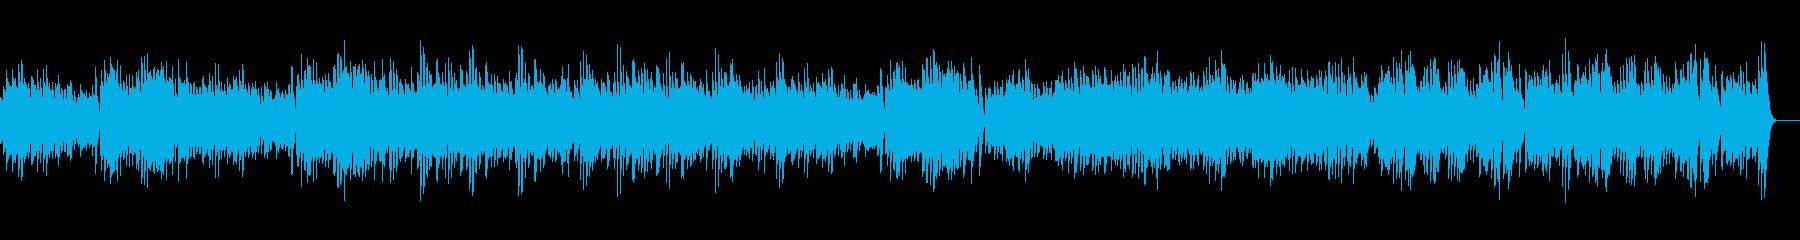 シュガー・ケイン_オルゴールverの再生済みの波形